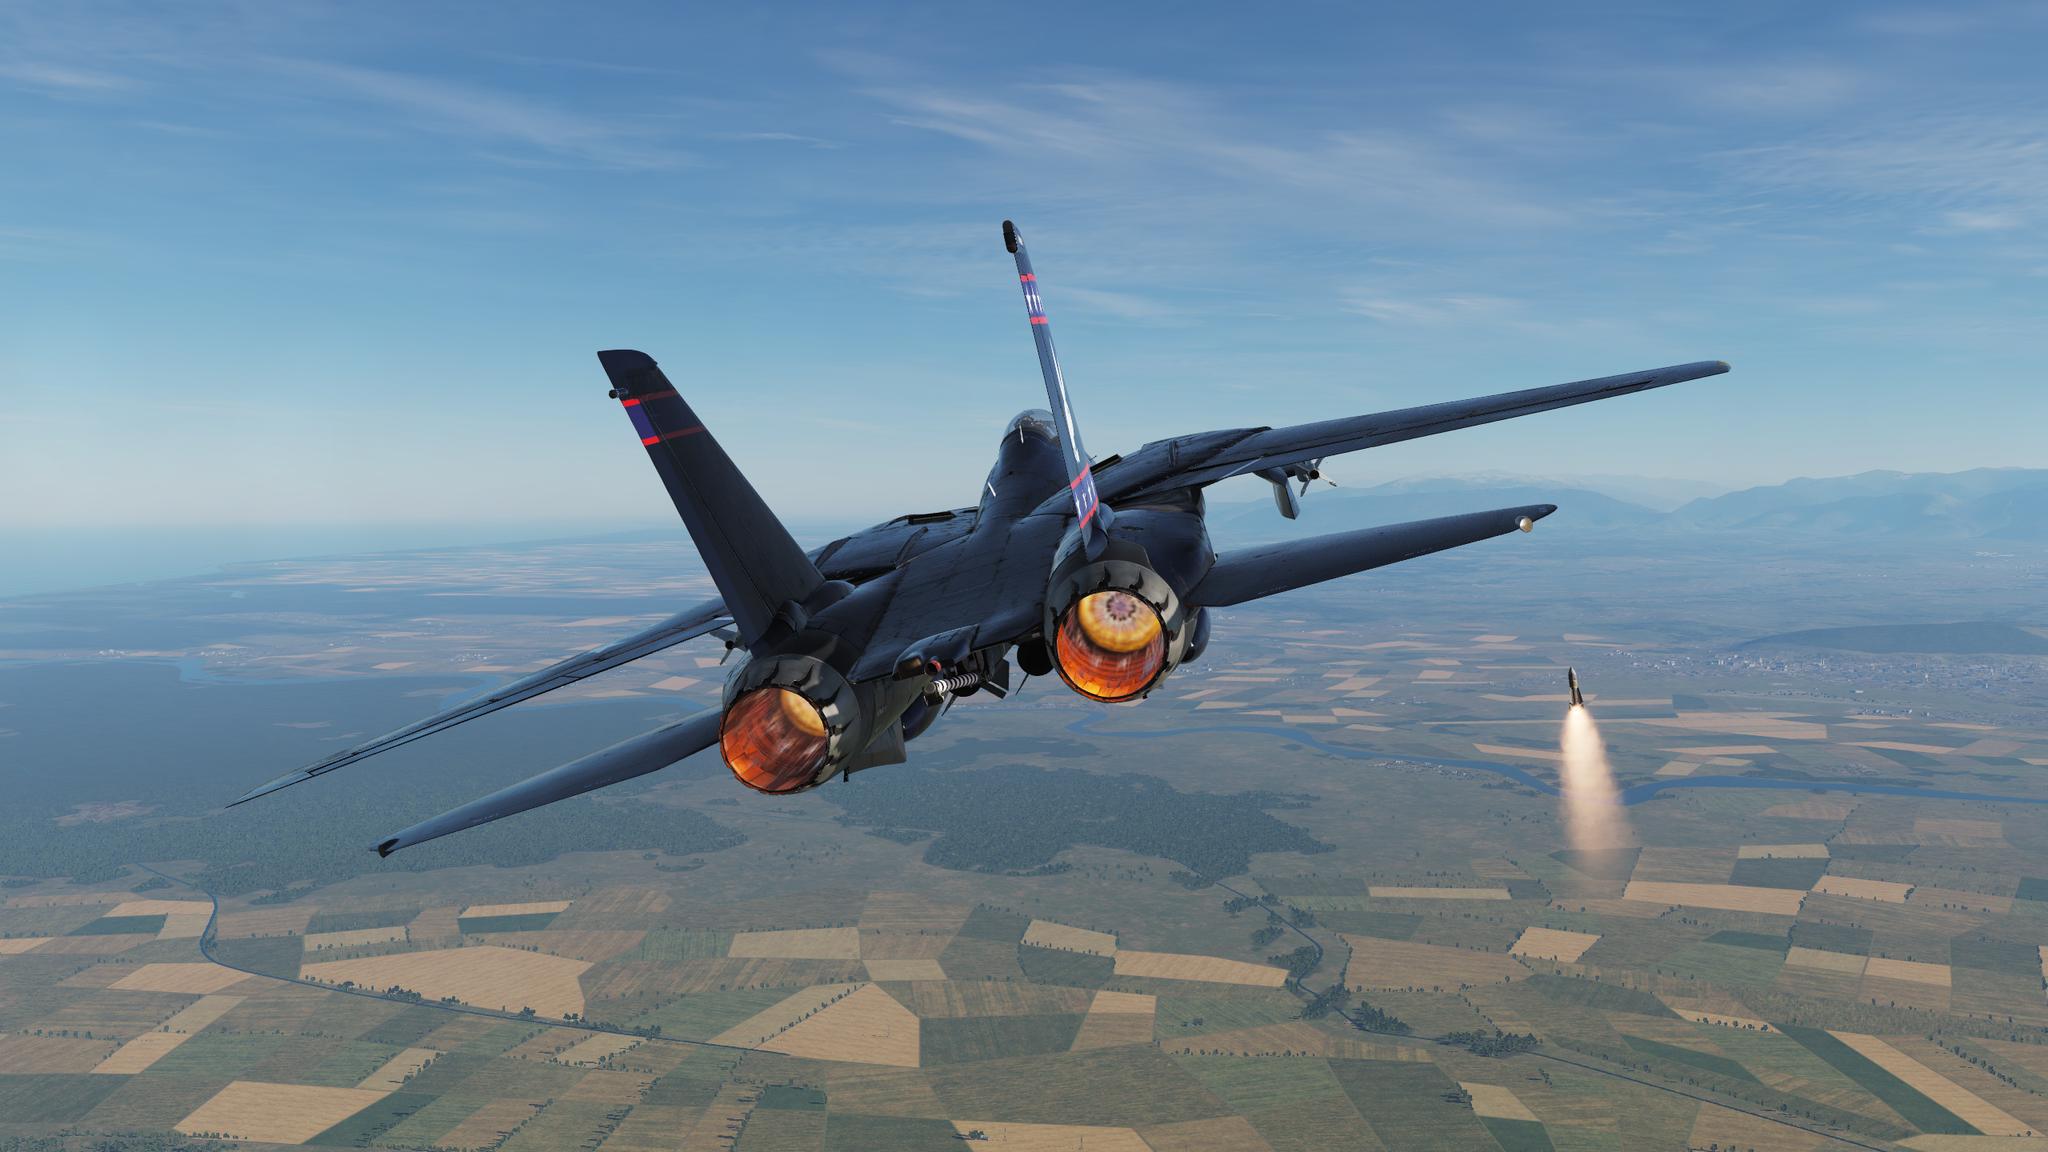 Обои F-35, lightning ii, истребитель, бомбардировщик, суша. Авиация foto 5